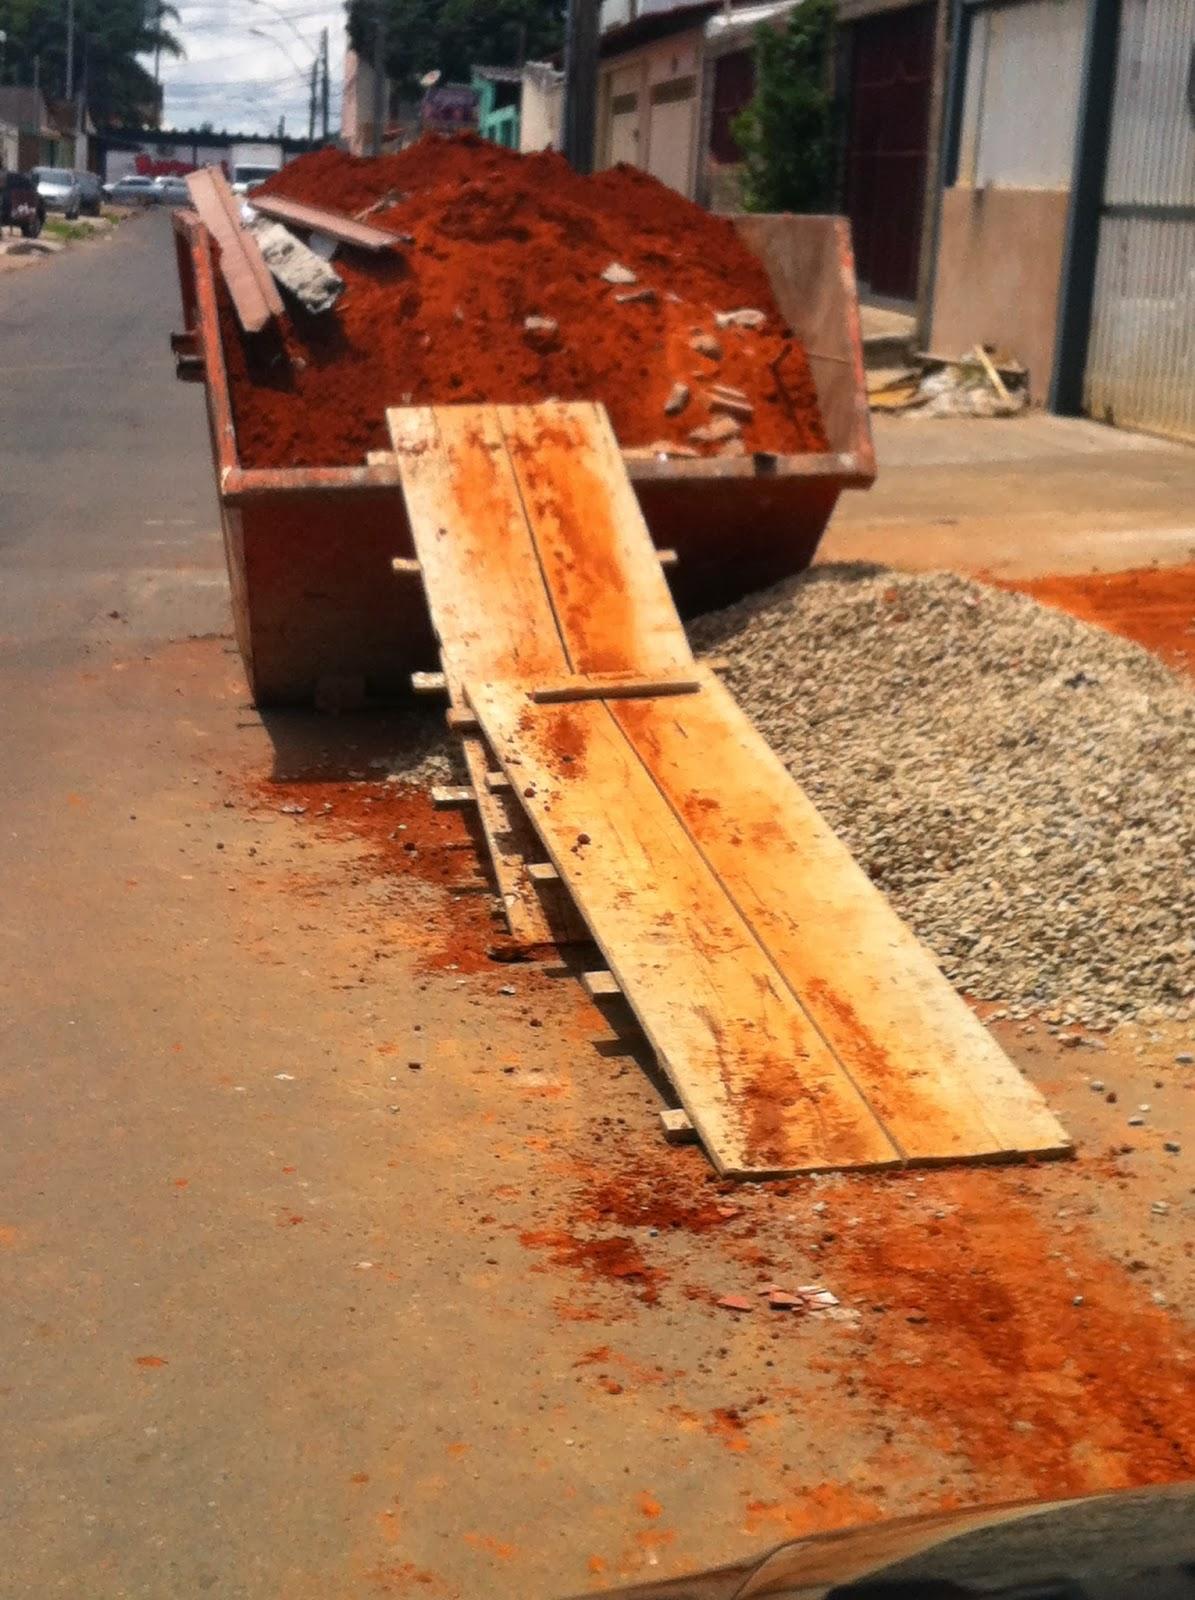 mesa de jantar construindo um banquinho de madeira reaproveitada #C87403 1195x1600